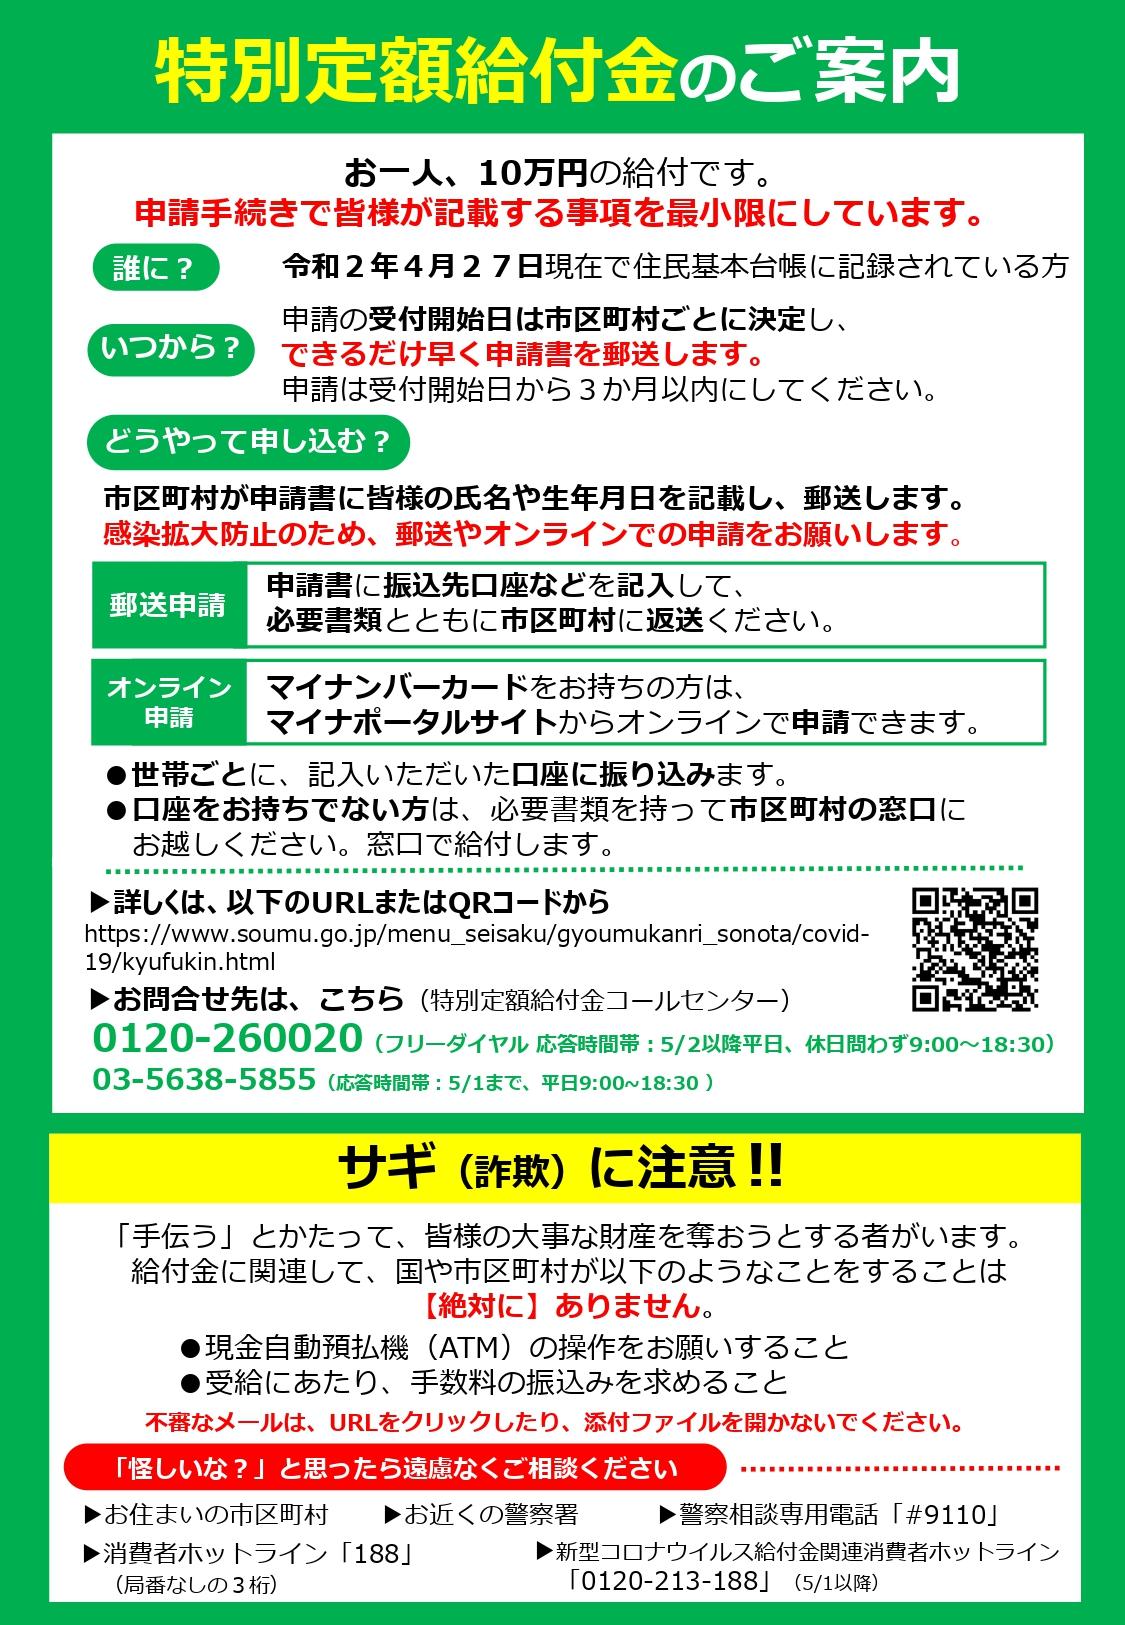 2020年5月14日 外国人の皆さんに特別定額給付金 10万円 が支給されます 留学生向けのお知らせ 広島留学ポータルサイト